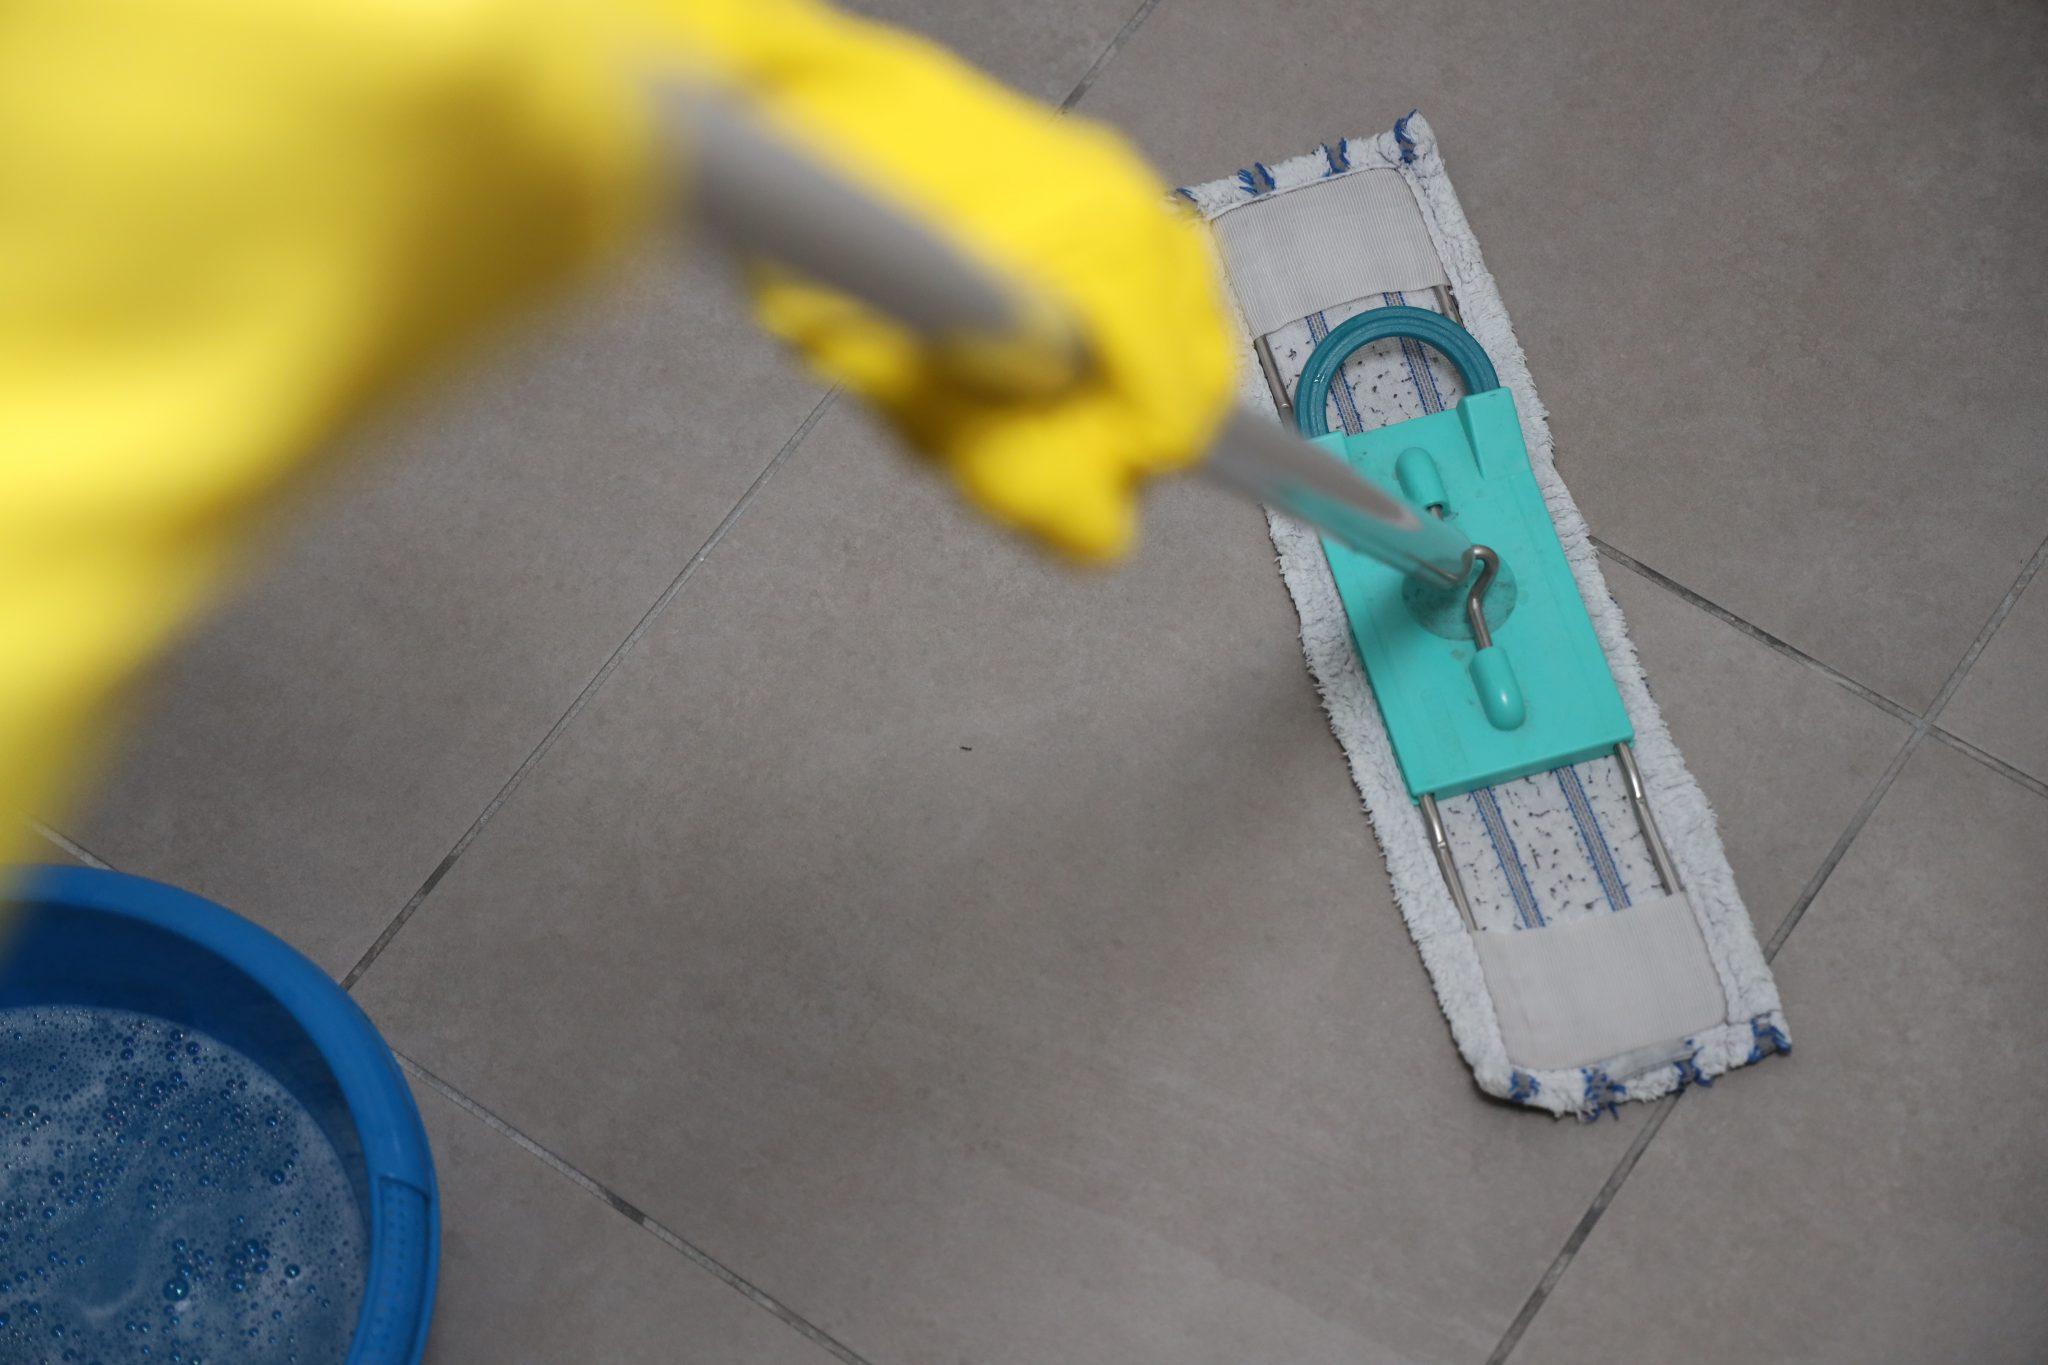 Vloertegels schoonmaken